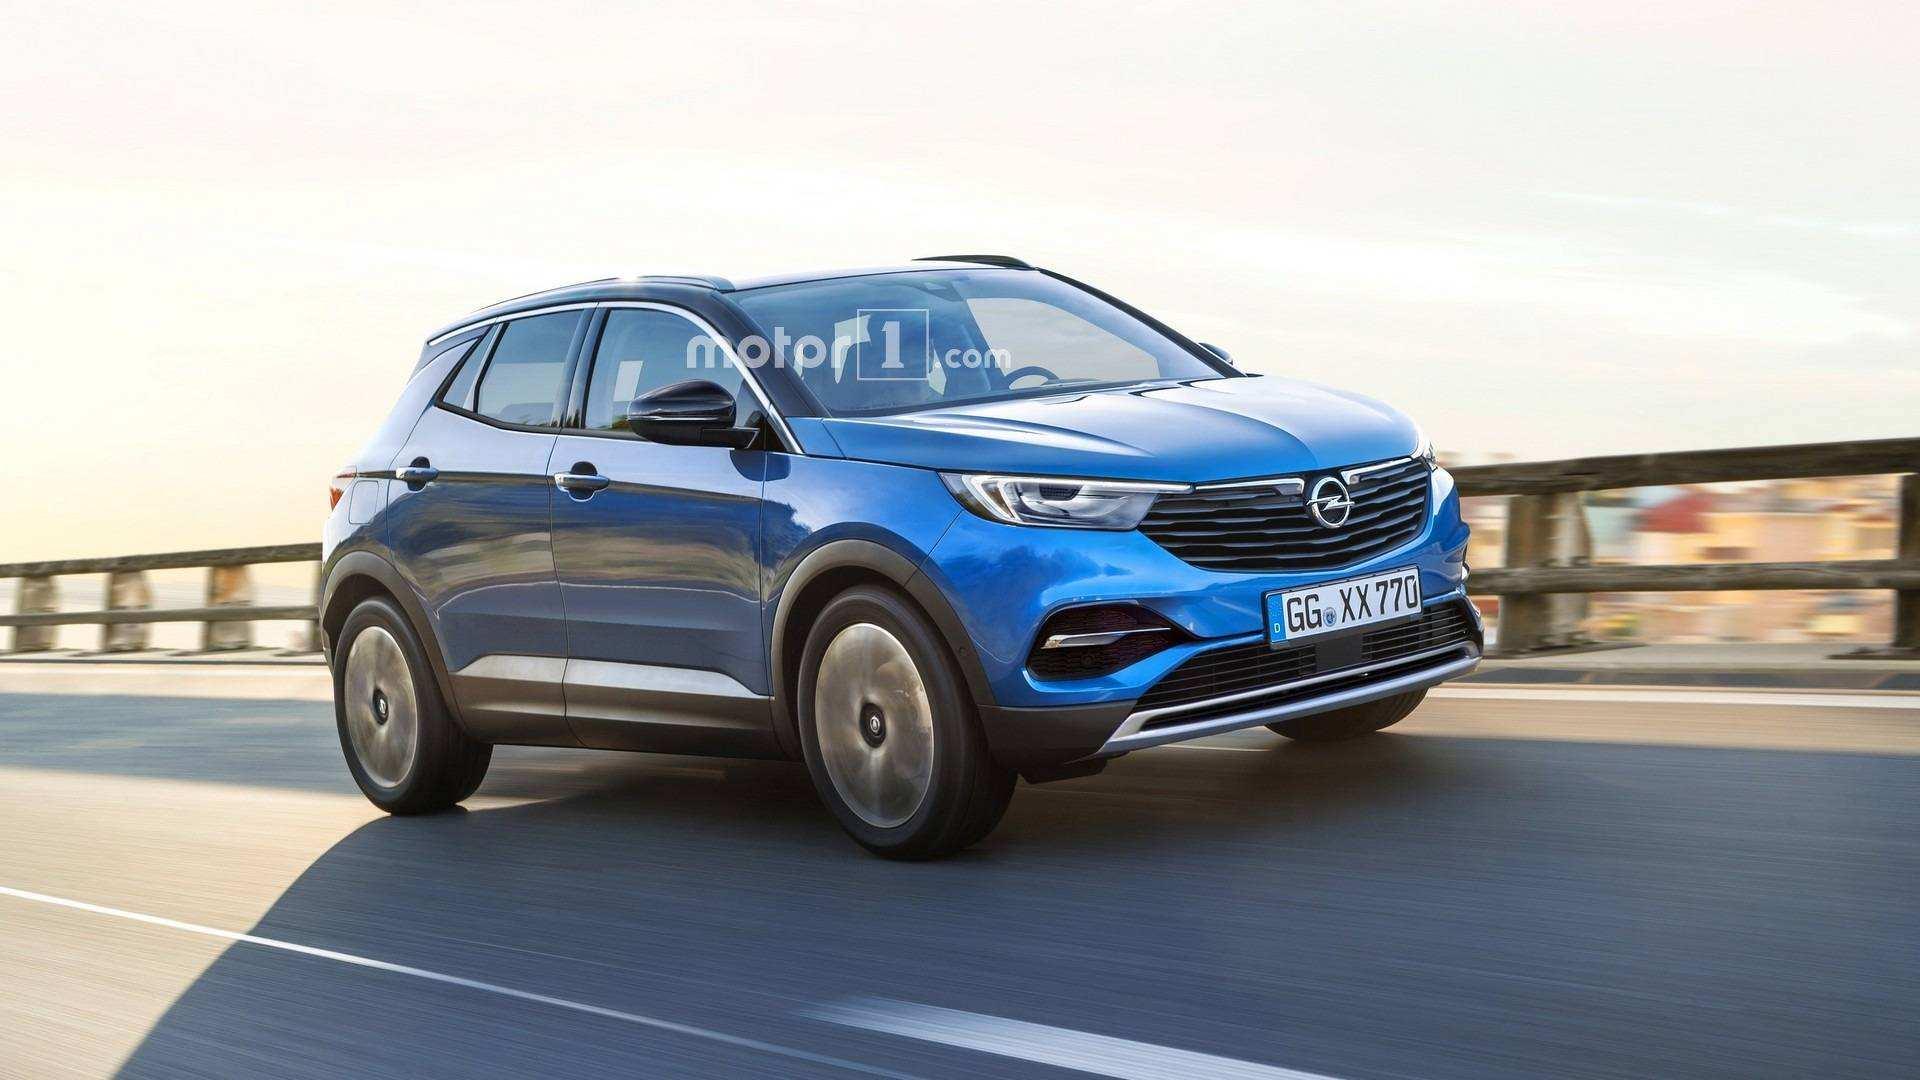 73 The Opel Mokka 2020 Rumors by Opel Mokka 2020